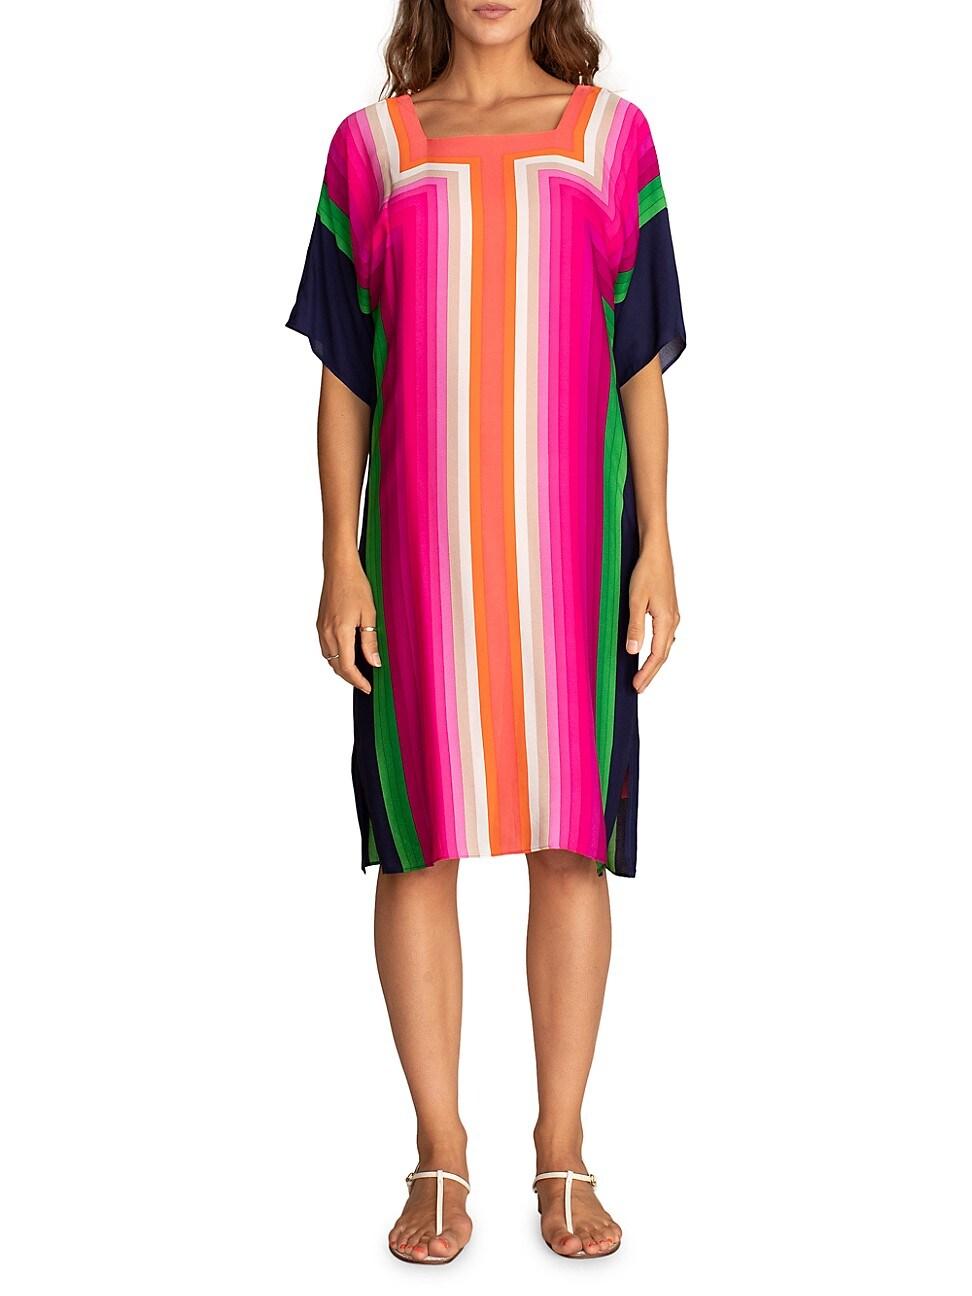 Trina Turk WOMEN'S JOCELINE STRIPED SHIFT DRESS